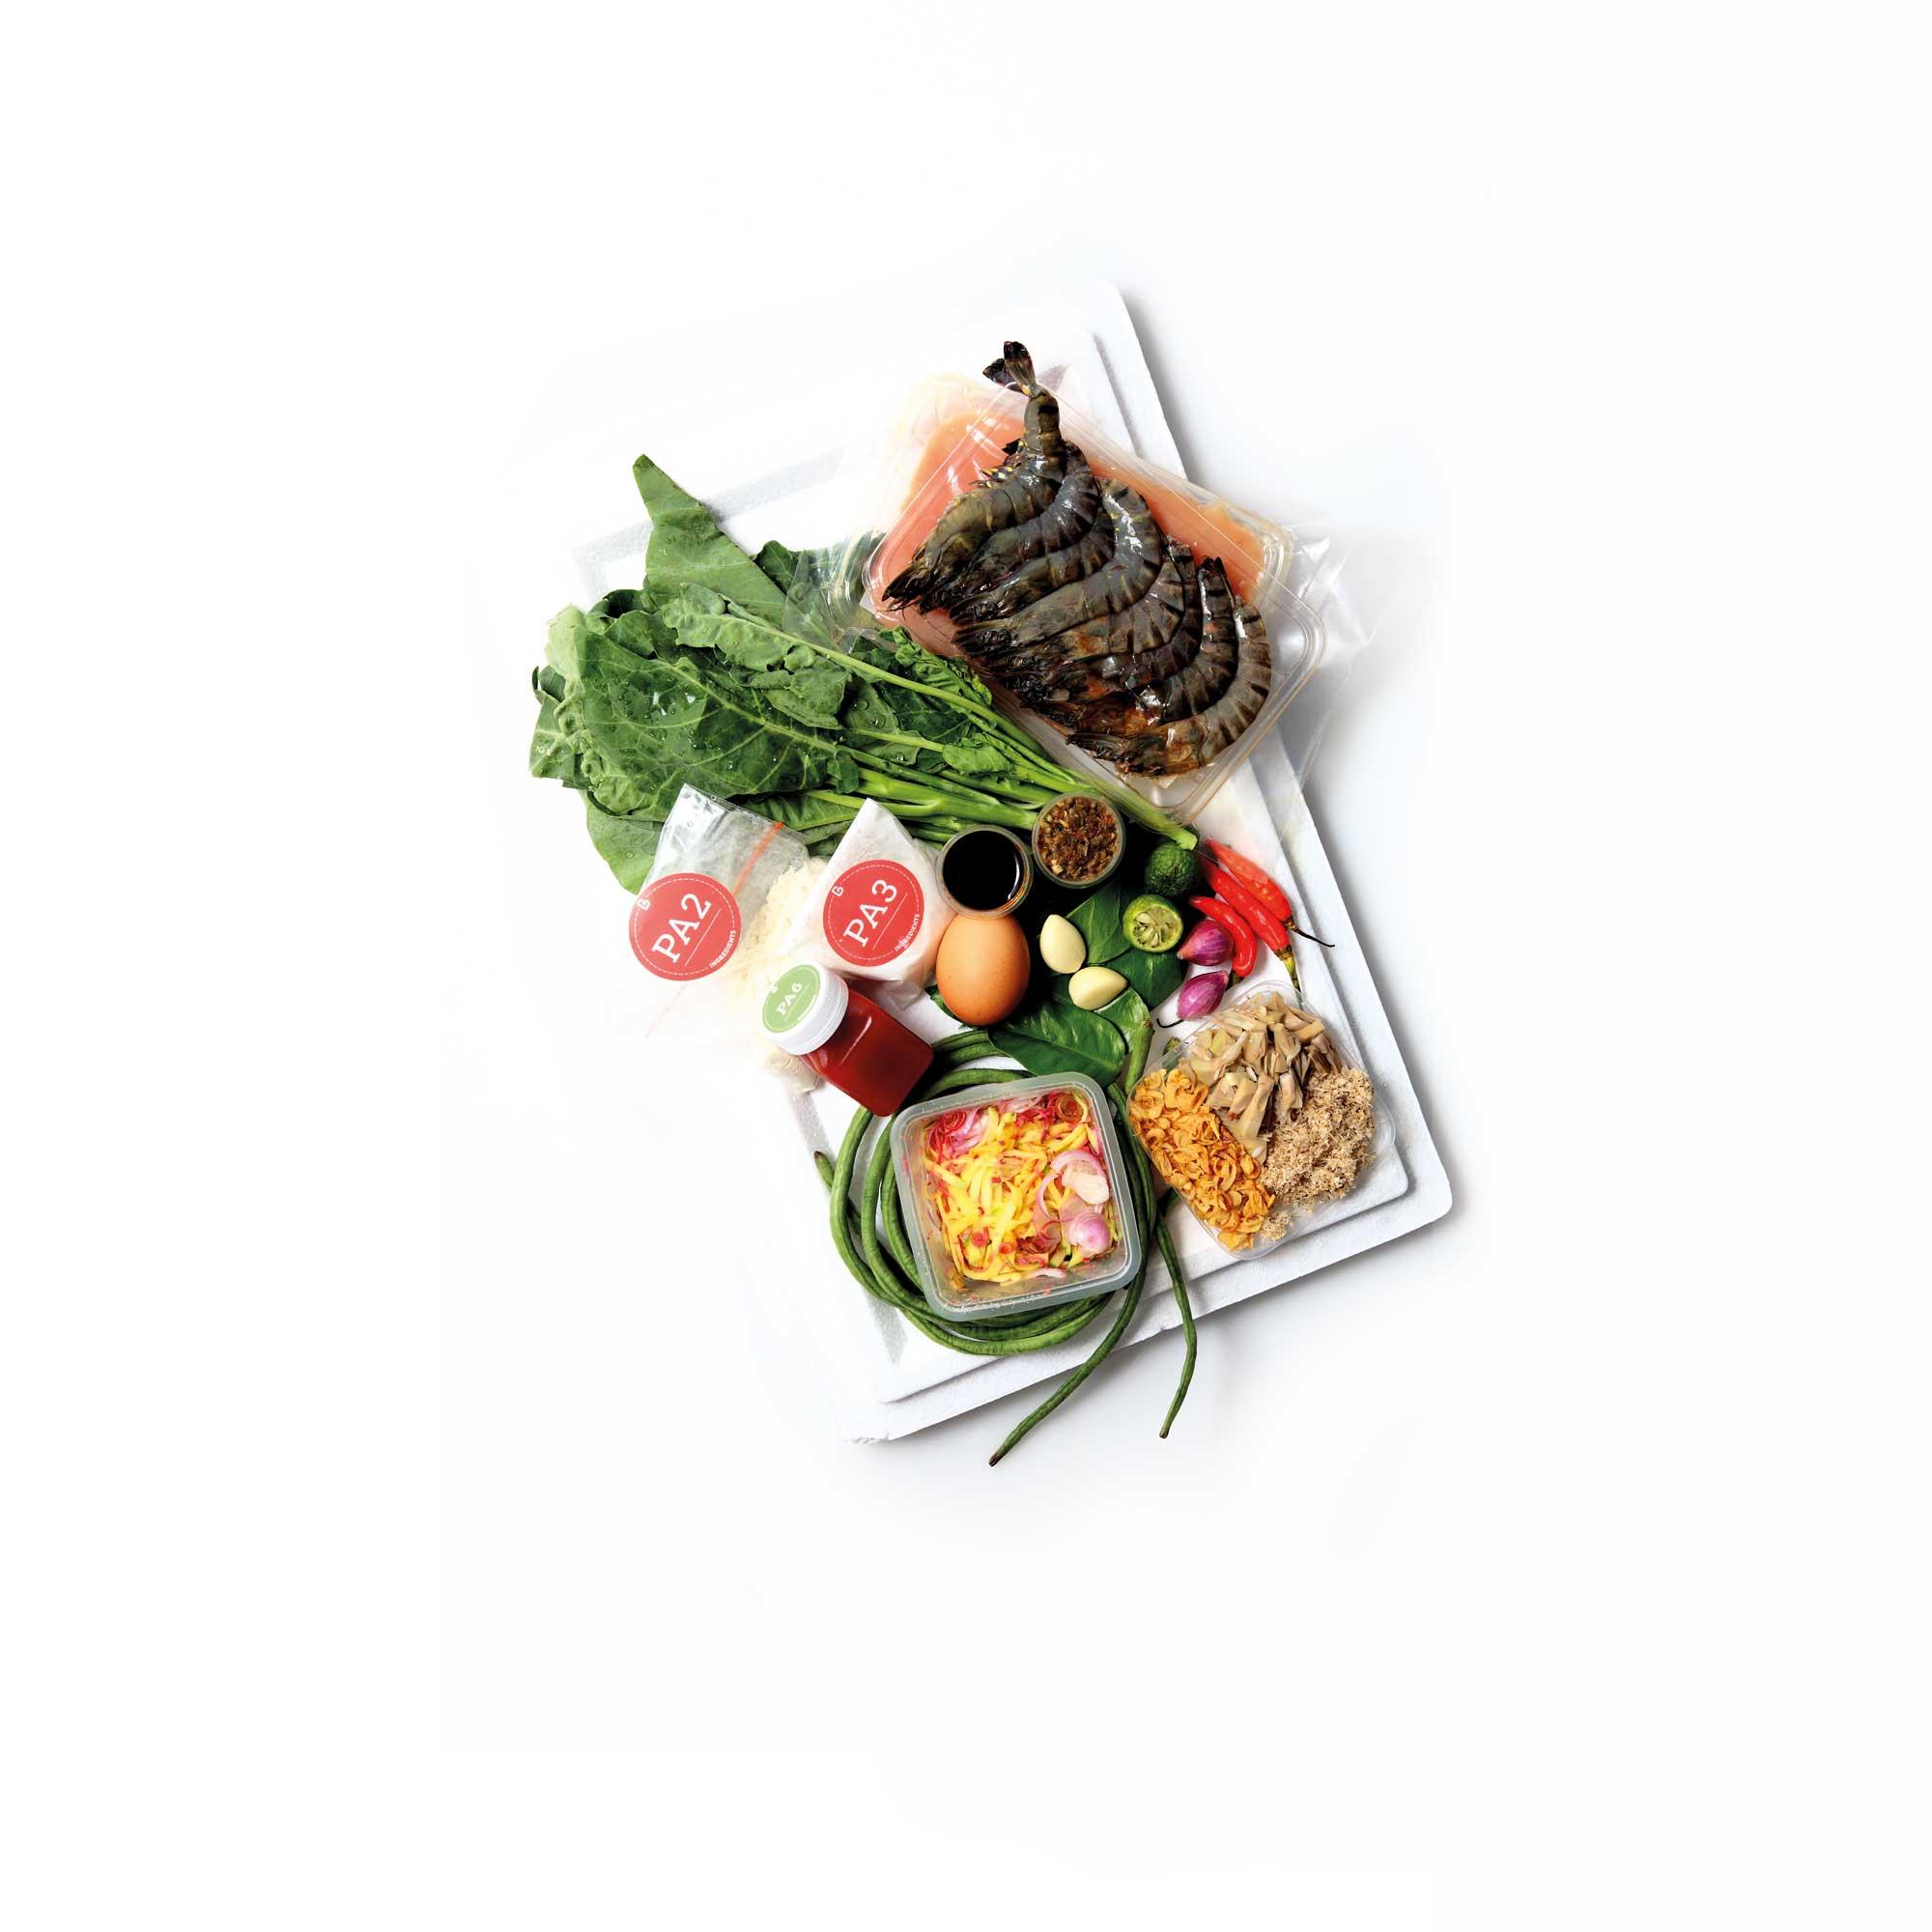 Layanan Antar Bahan Makanan Siap Masak Solusi Bagi Si Sibuk